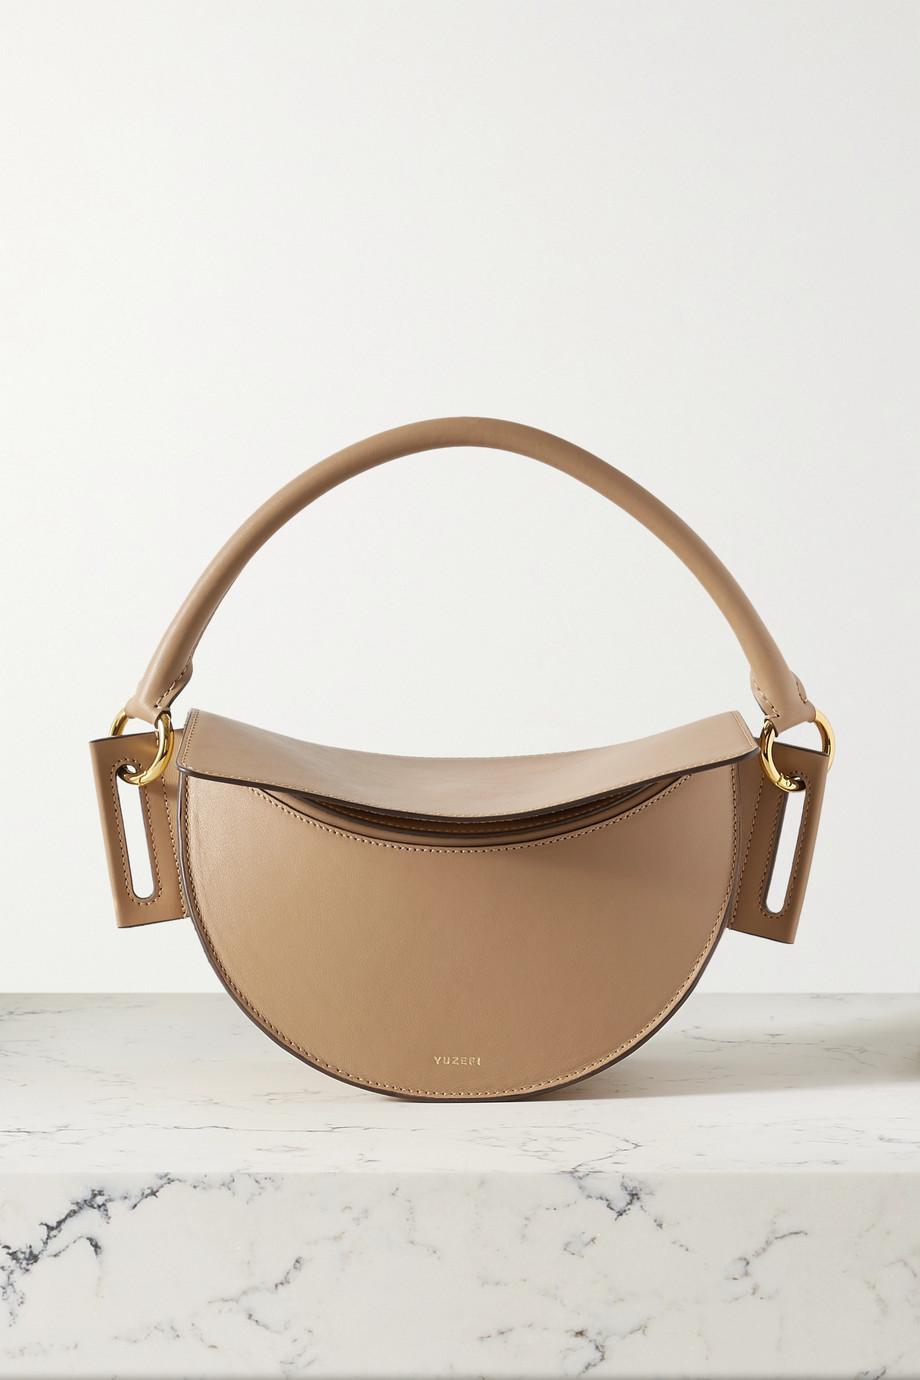 Yuzefi Dip leather shoulder bag